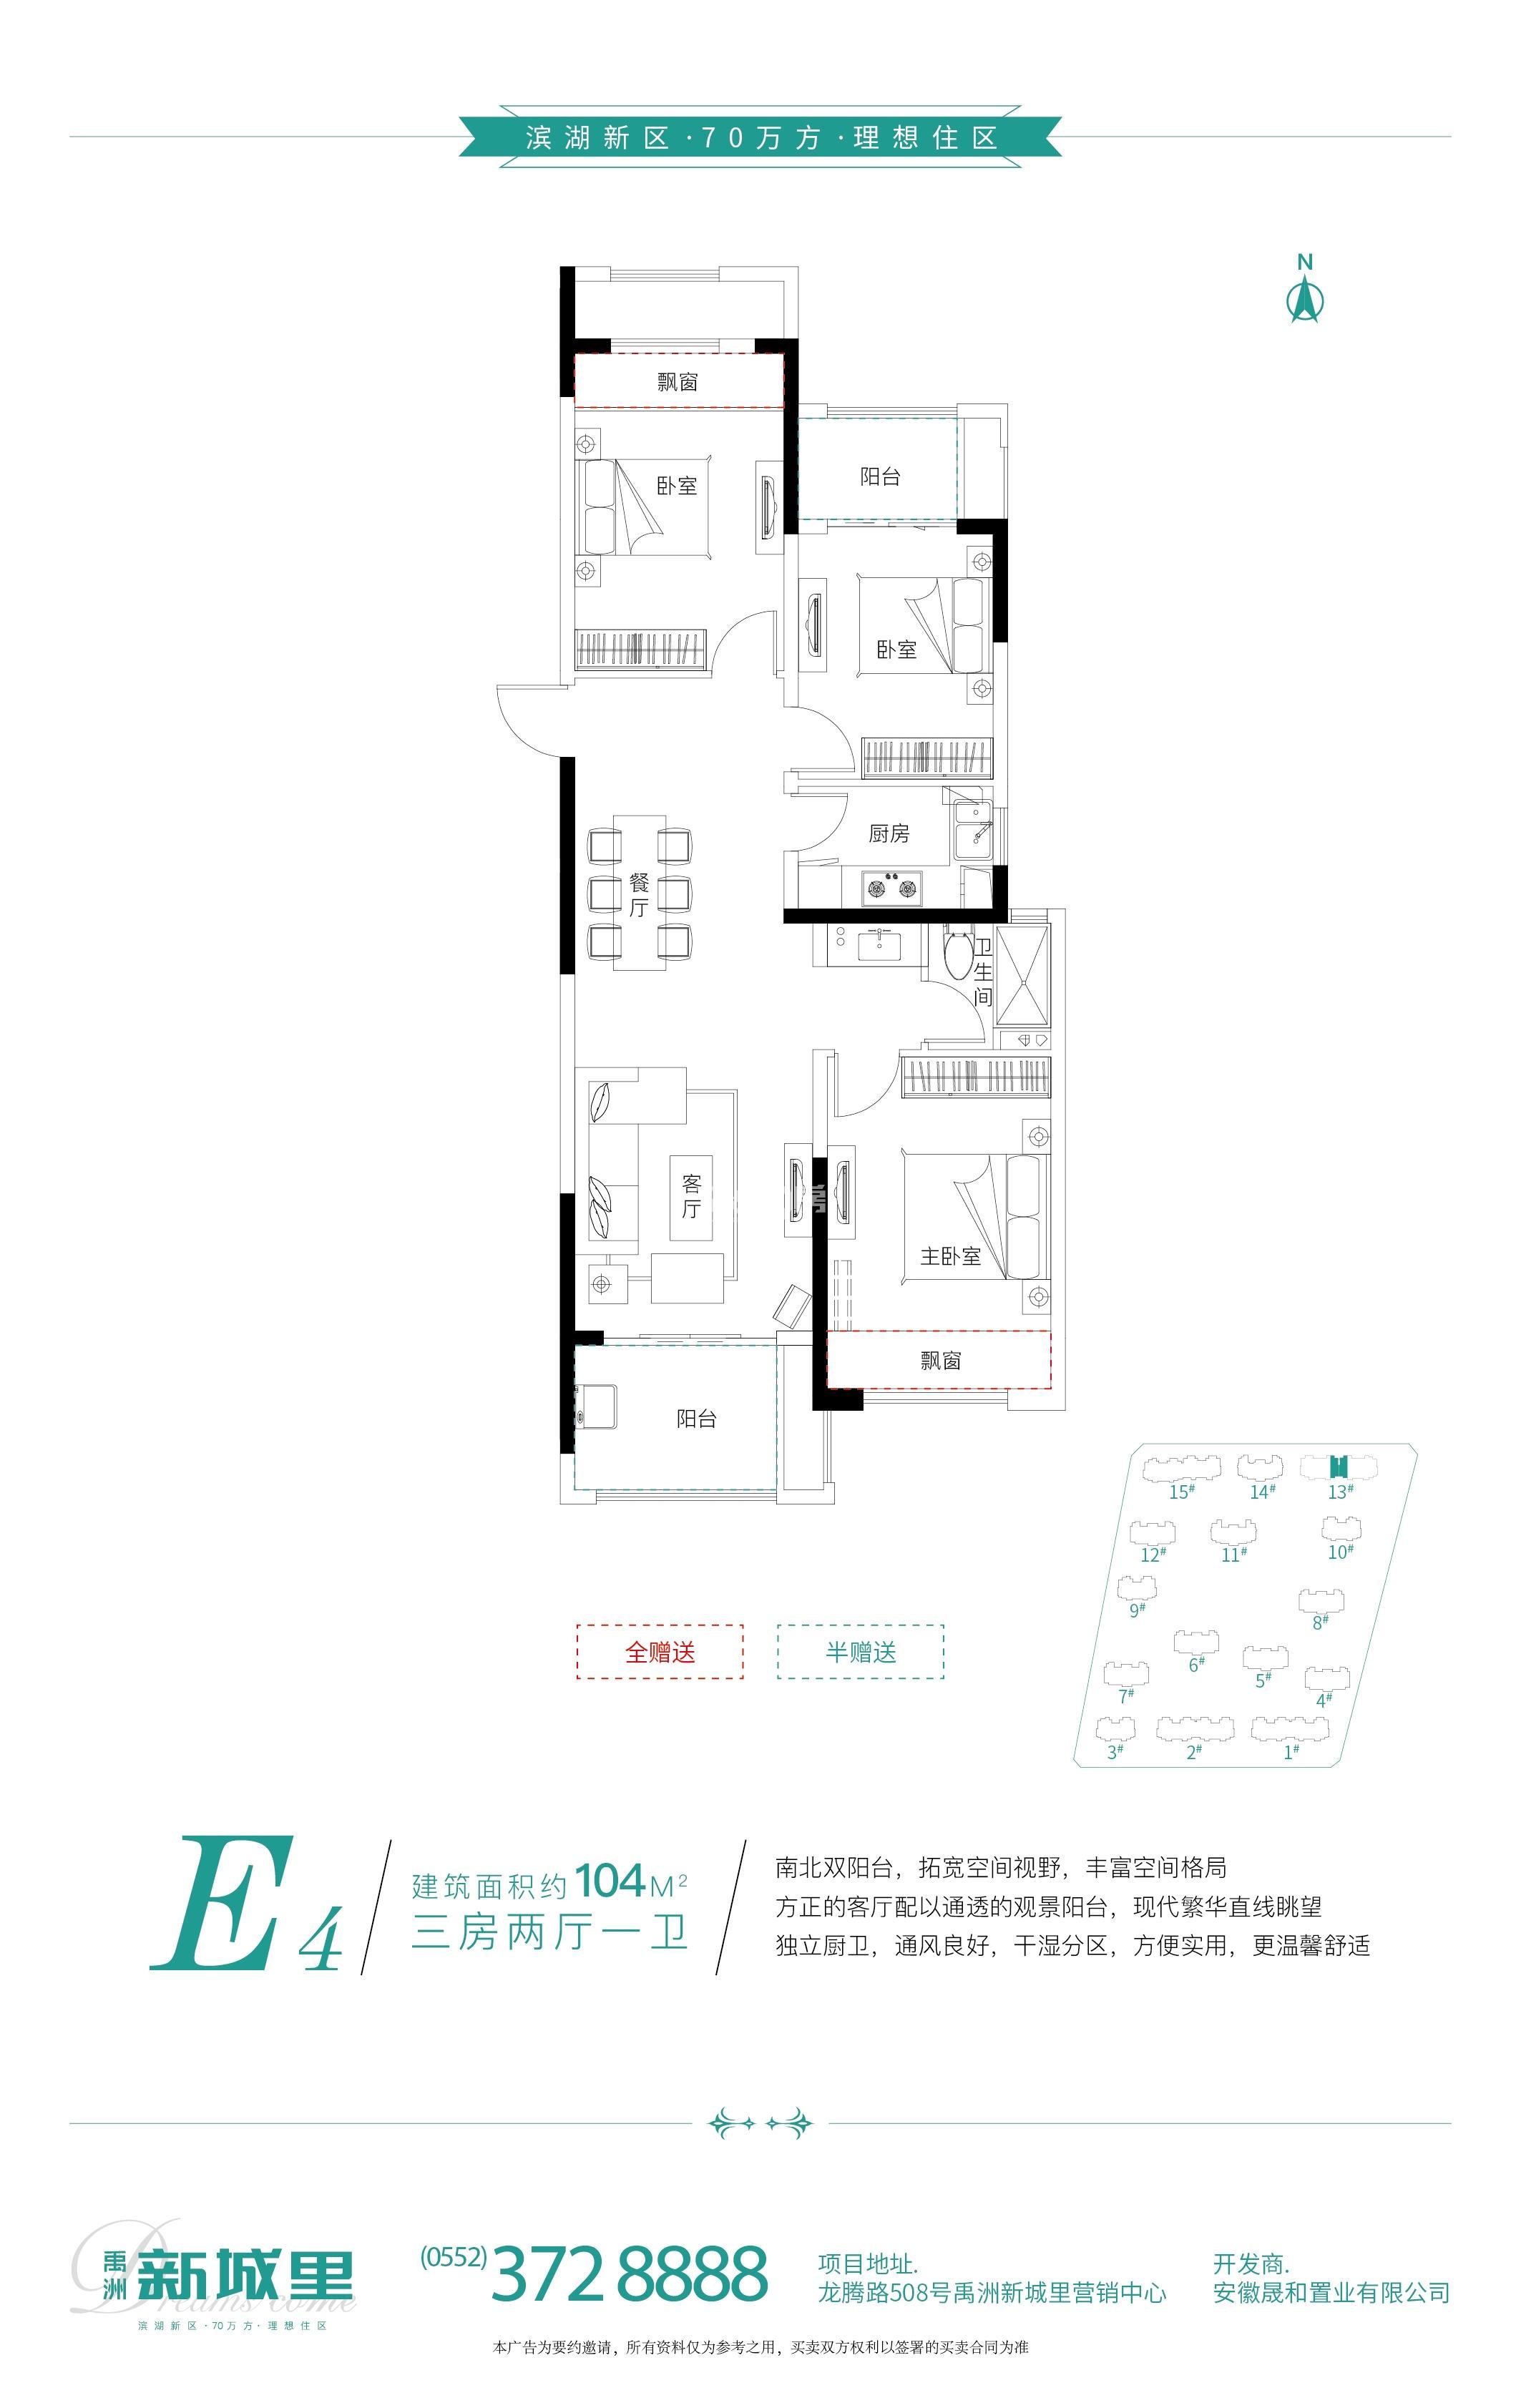 禹洲新城里 E4户型图 三室二厅一卫 104㎡